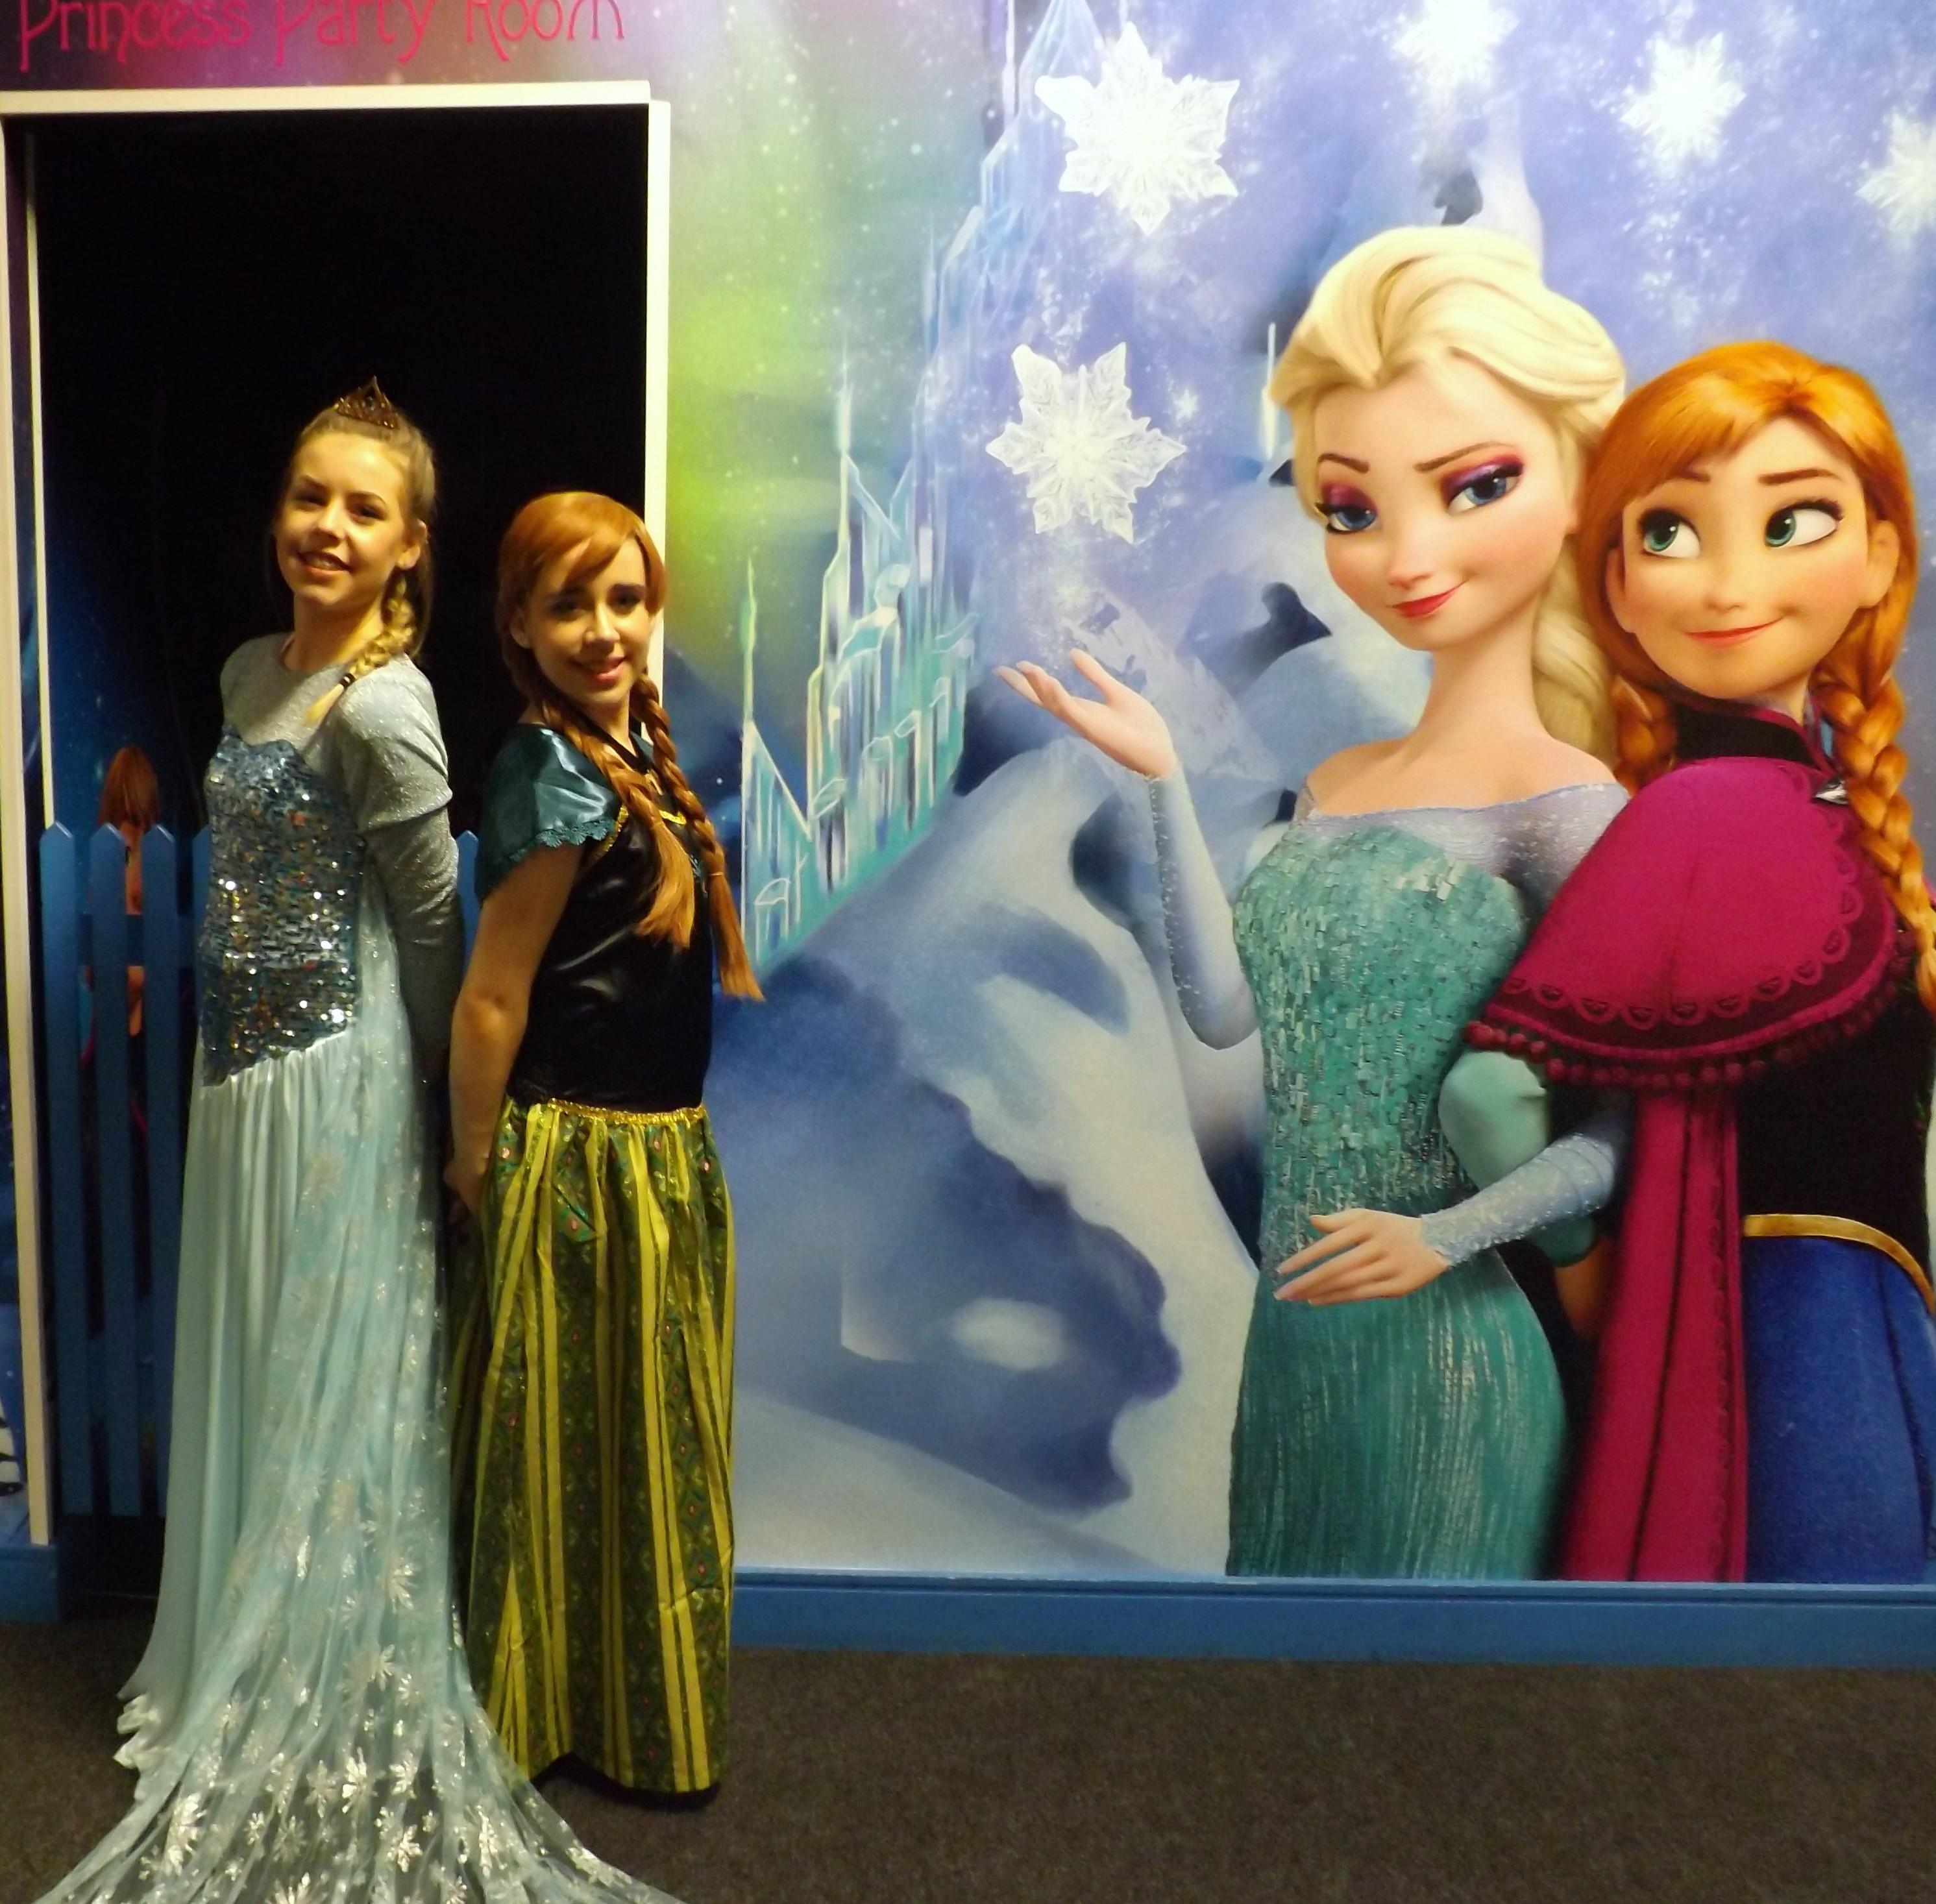 Ana and Elsa3